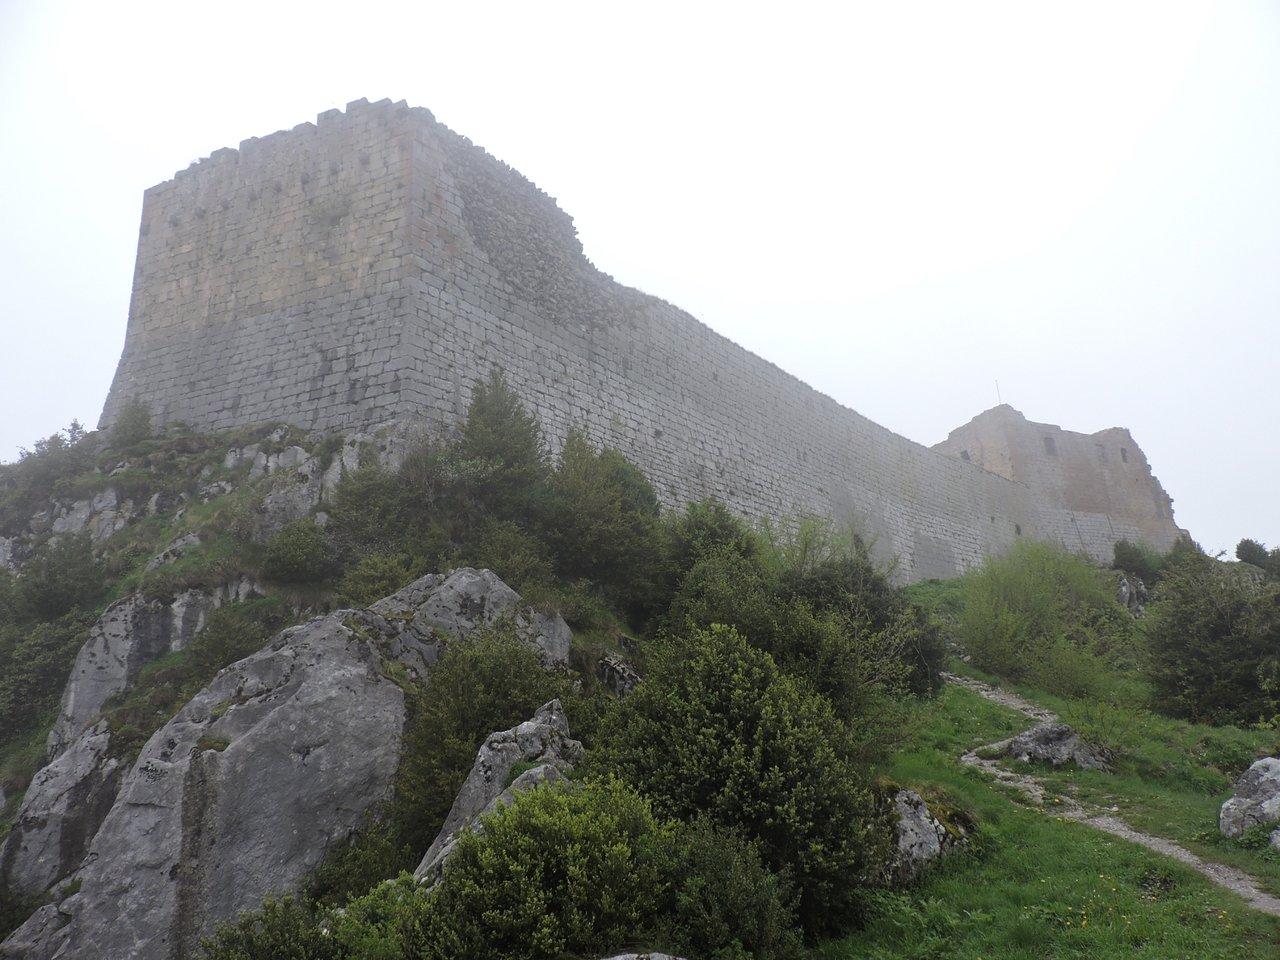 338-chateau-de-montsegur.jpg